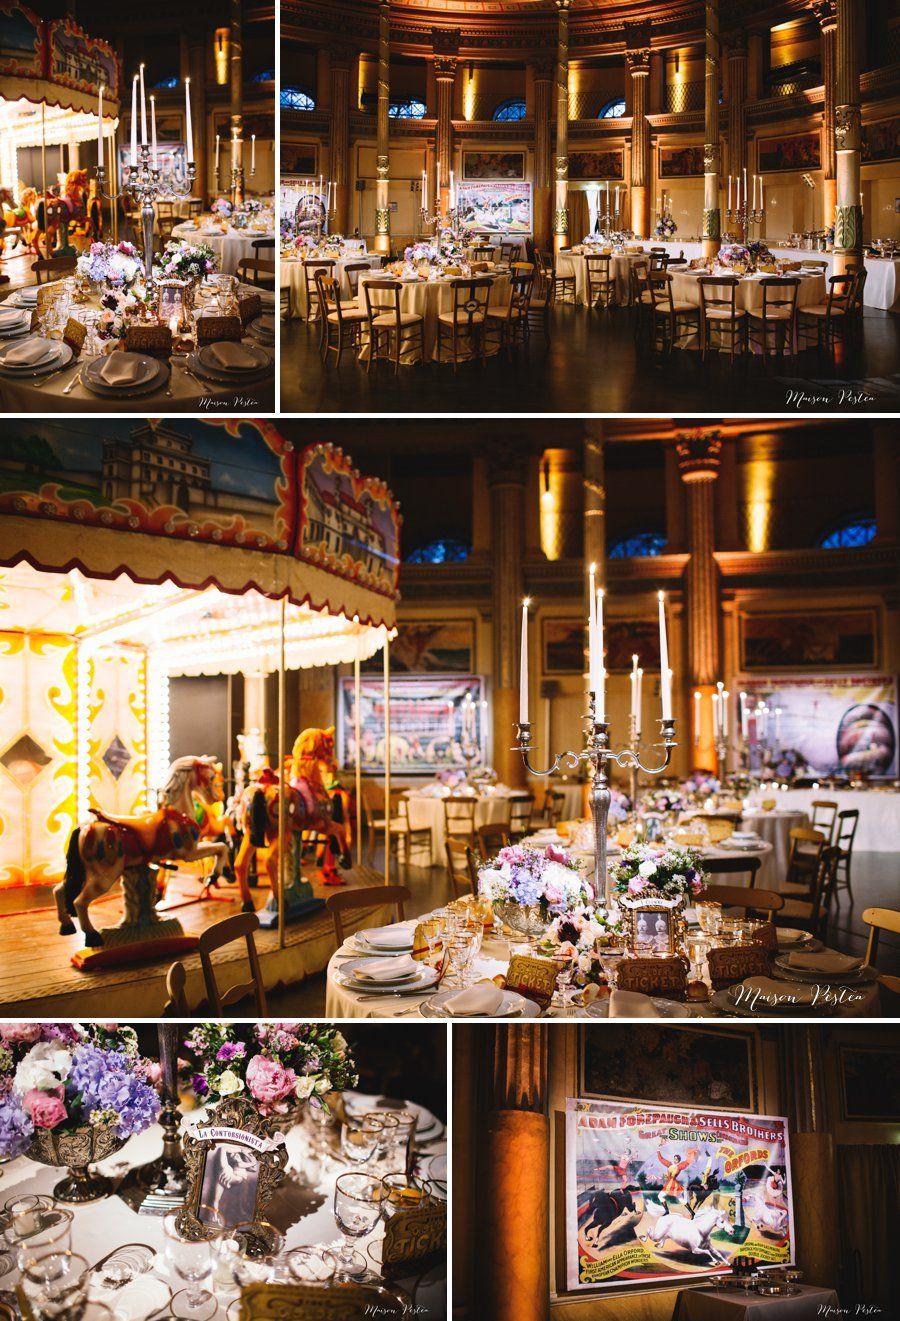 Matrimonio Acquario Romano : Wedding rome acquario romano vintage circus party wedding